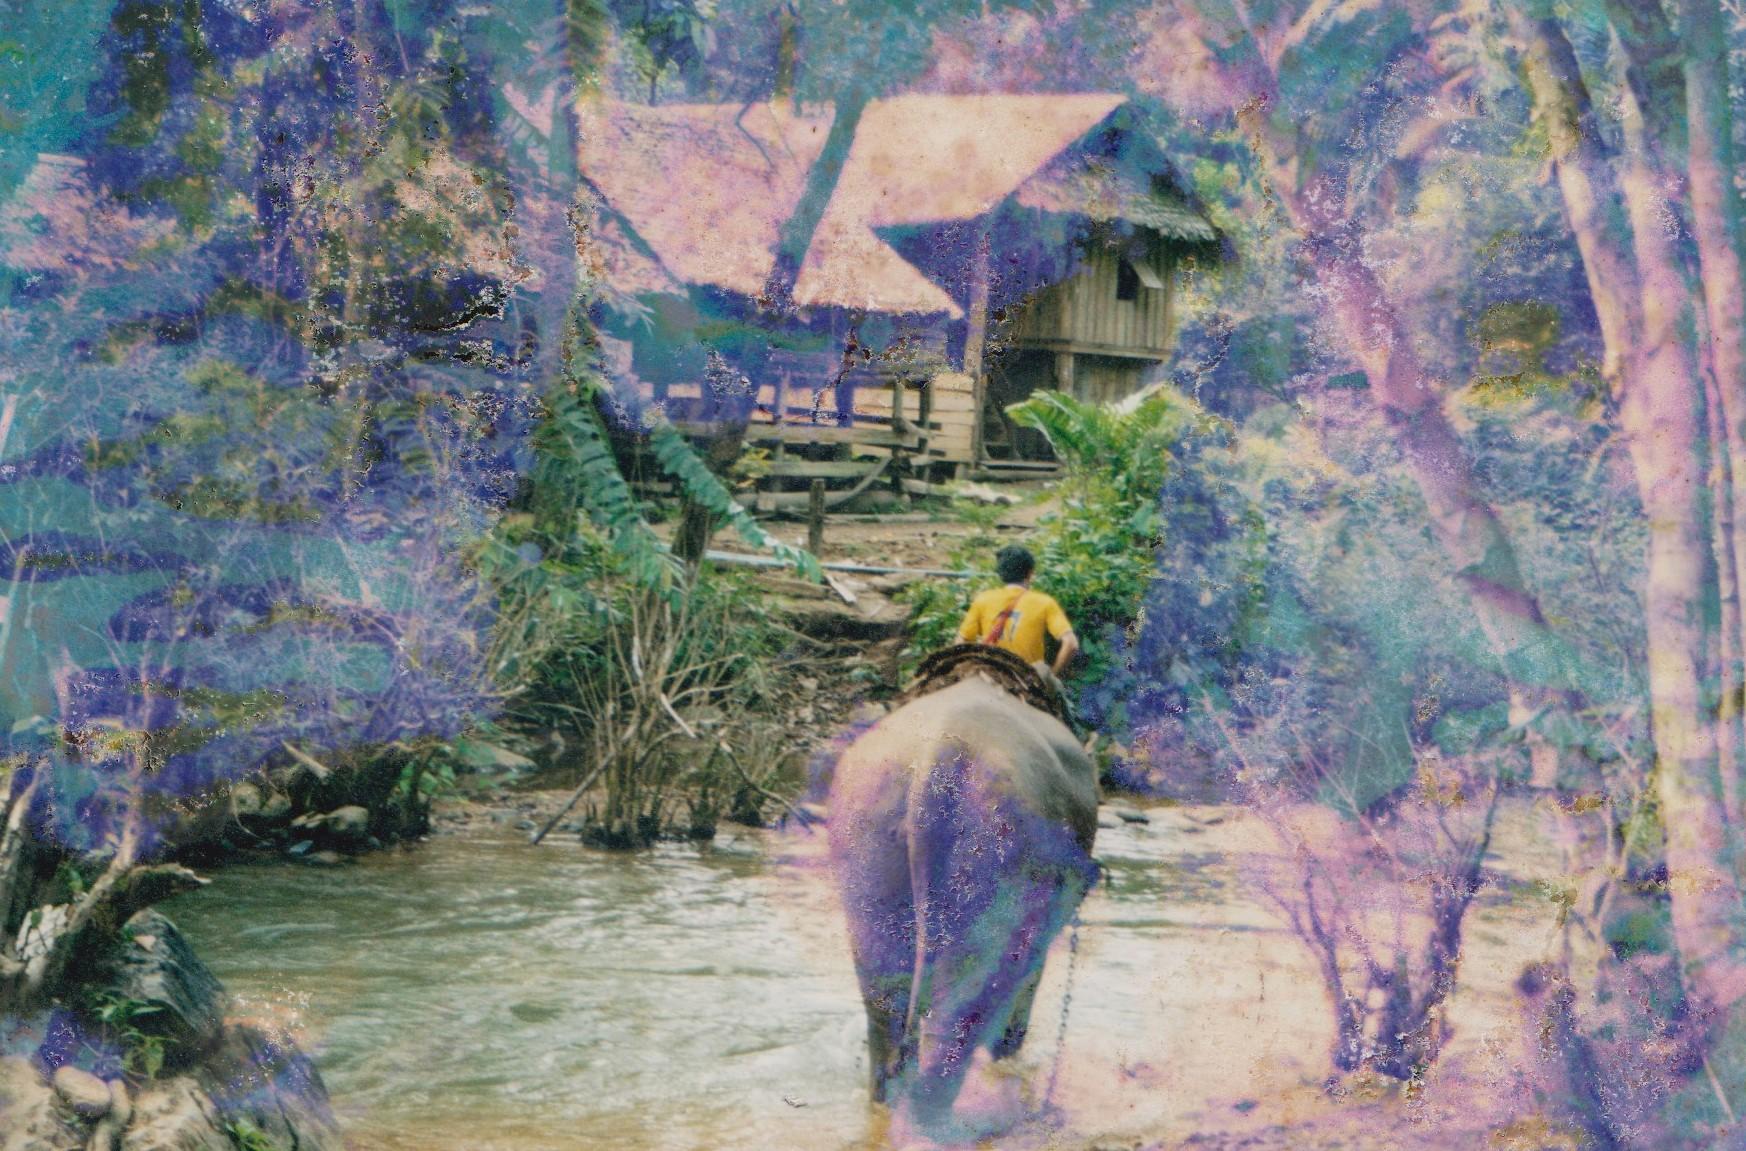 Elephant dans un village